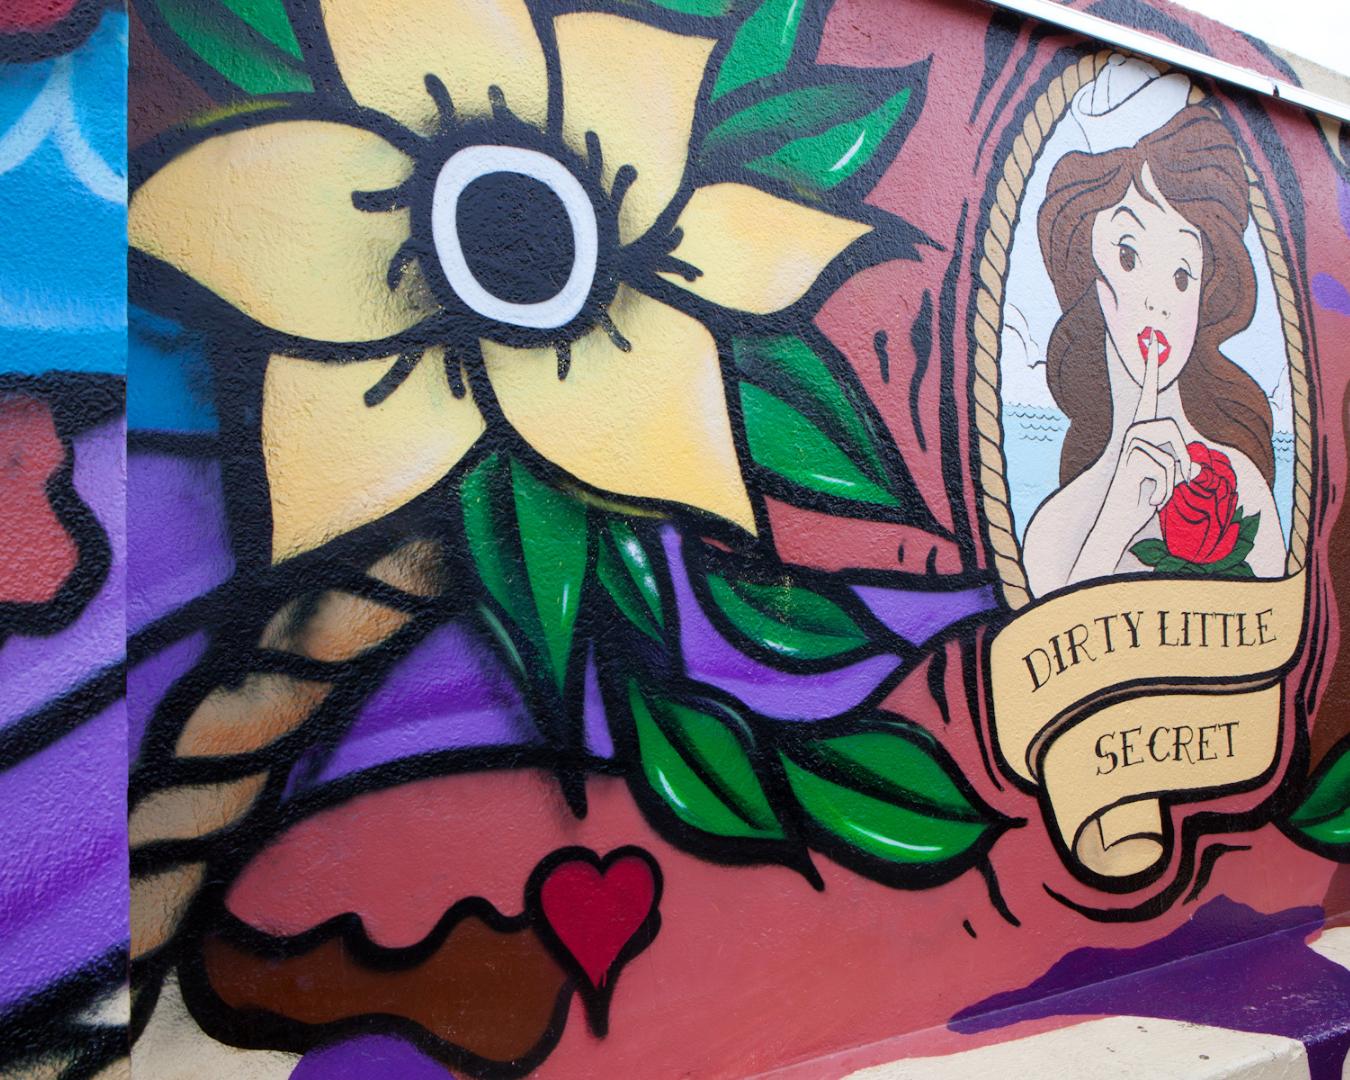 A graffiti wall inside Dirty Little Secret